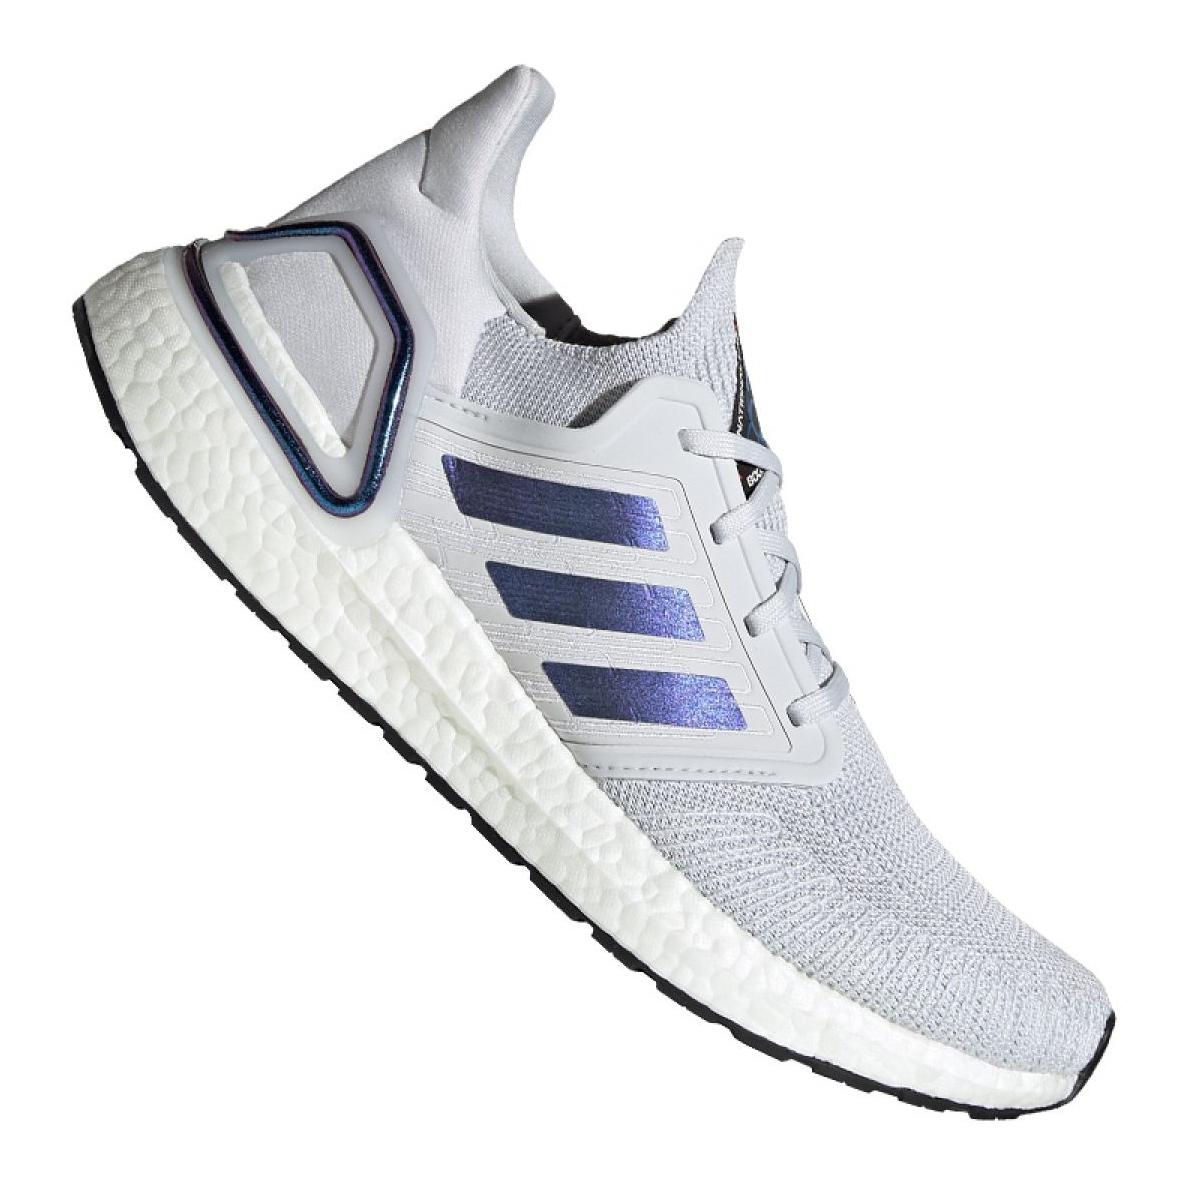 Sapatos Adidas UltraBoost 20 M EG0695 cinza